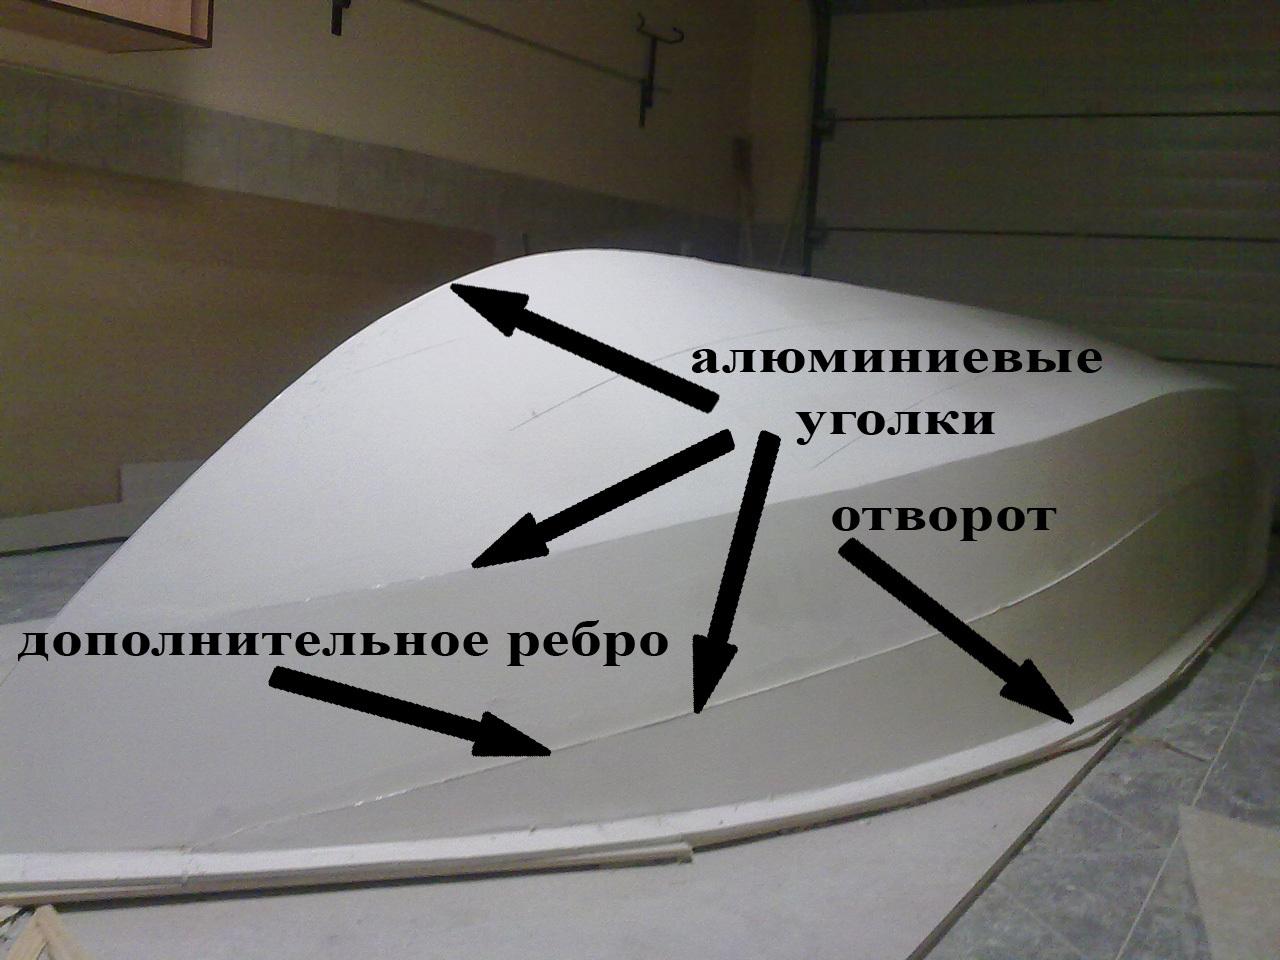 Труба из поликарбоната своими руками